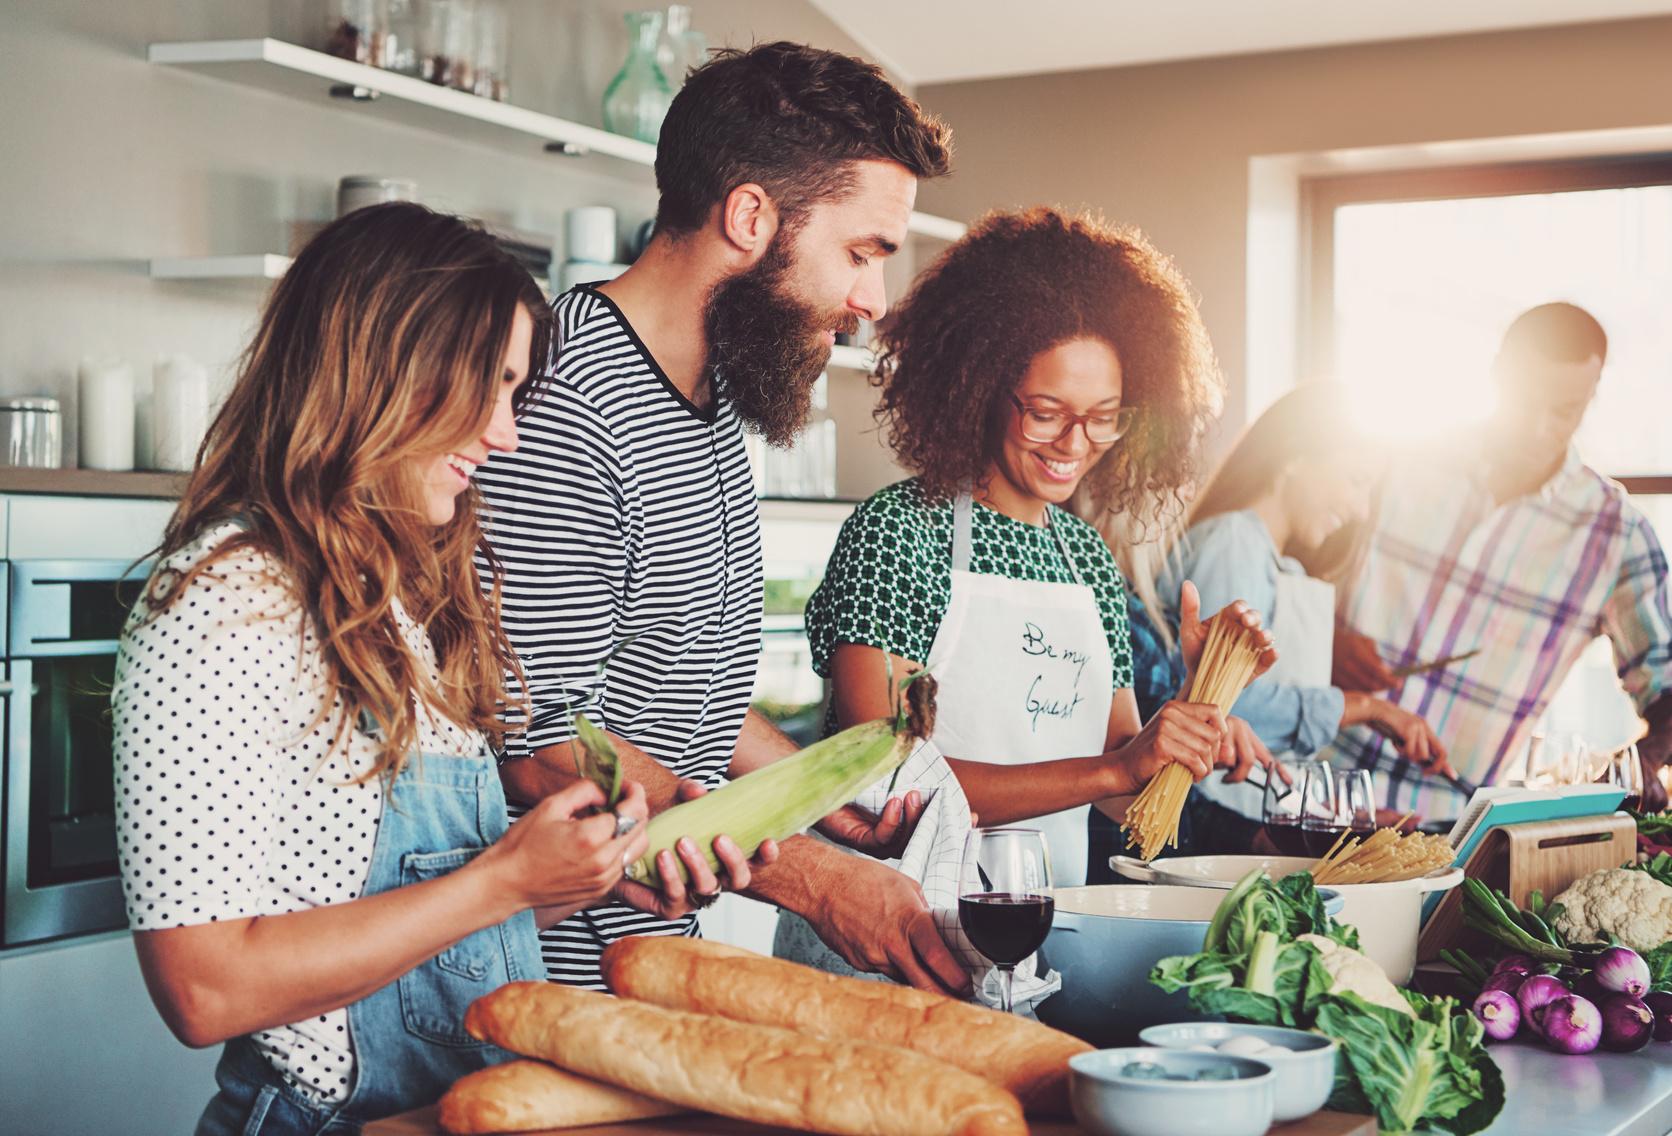 Freunde kochen gemeinsam und bereiten Essen in der Küche zu